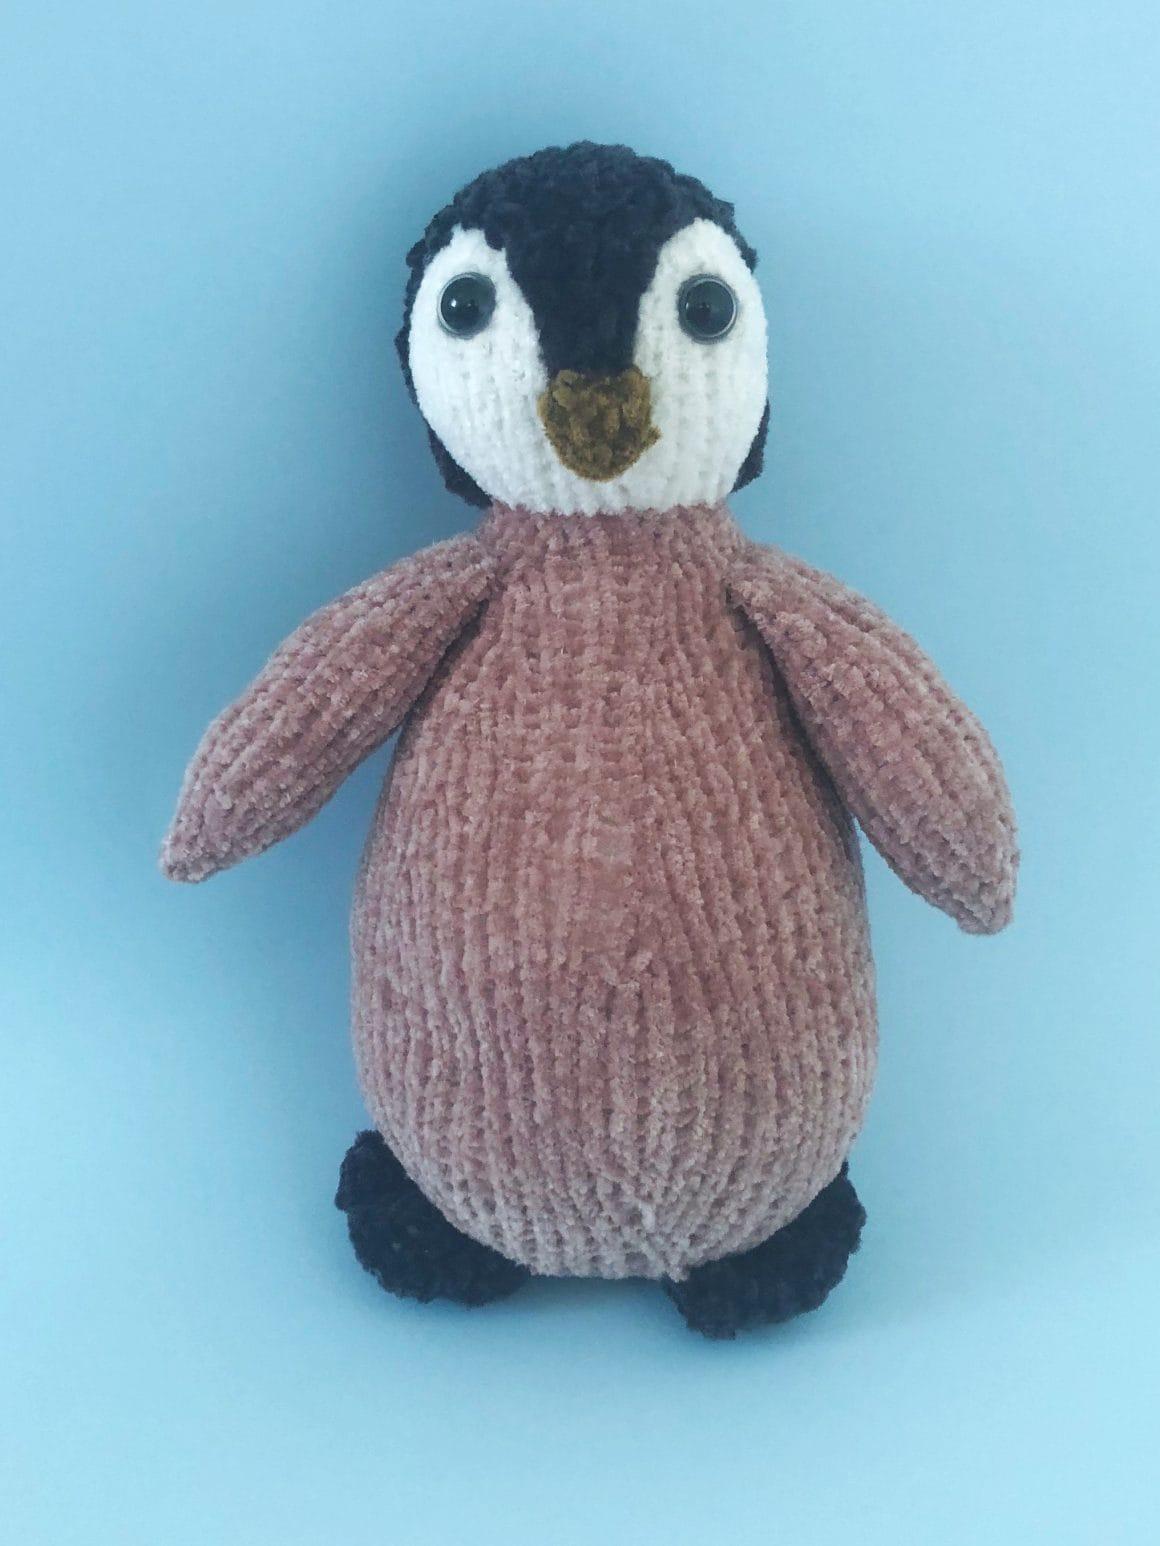 Pingvin – strikkeoppskrift